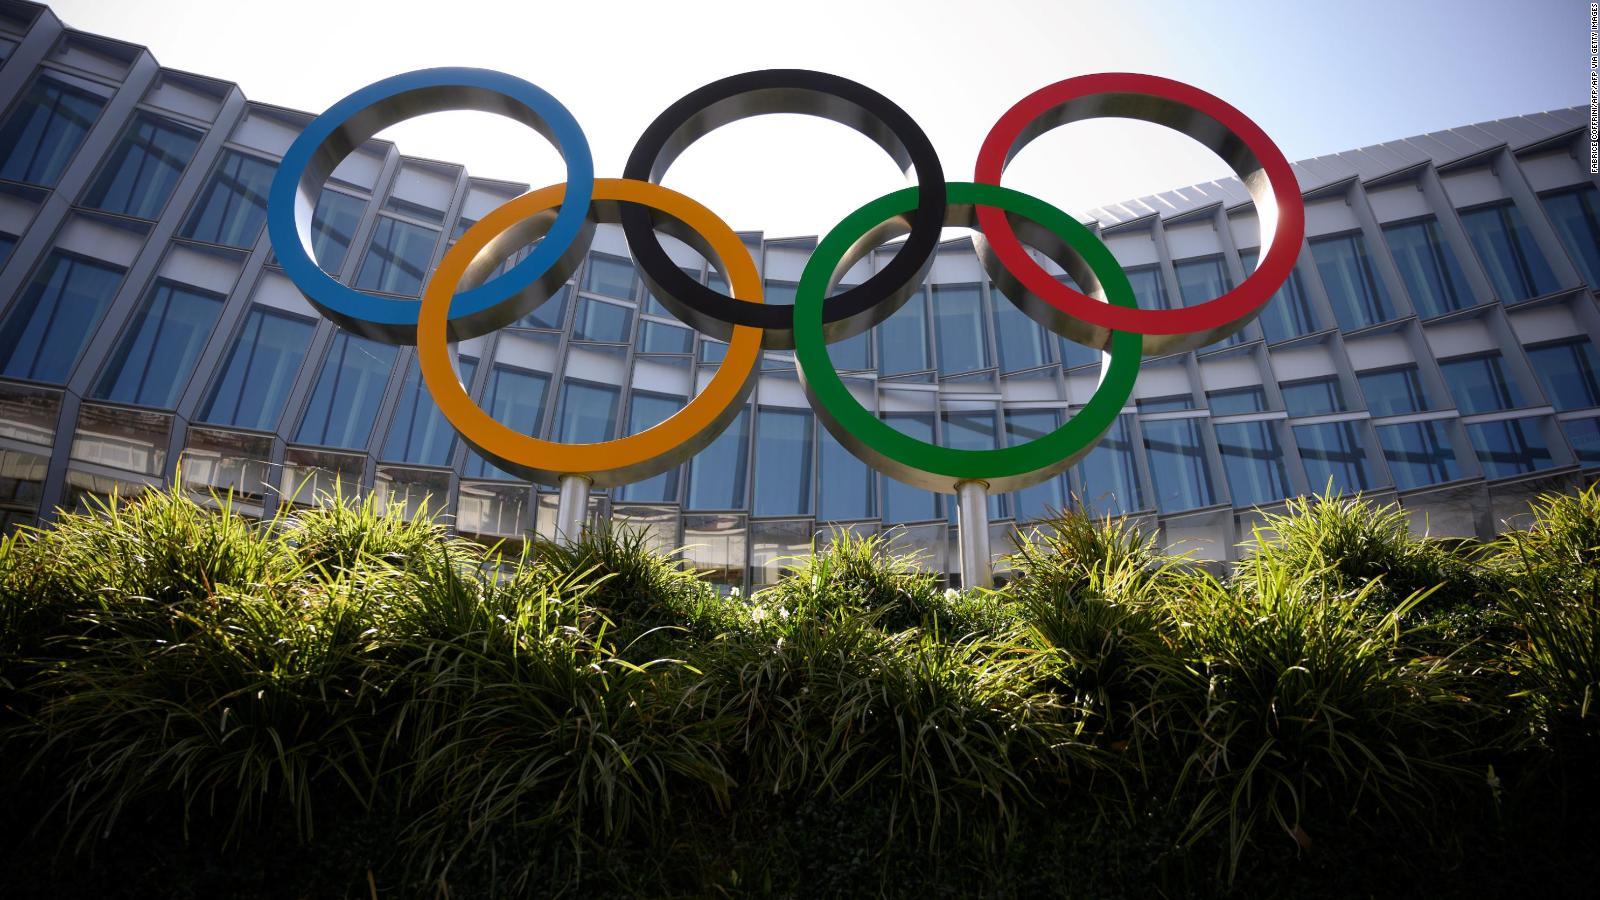 Estas son las razones por las que suspendieron los Juegos Olímpicos de Tokio    Video   CNN